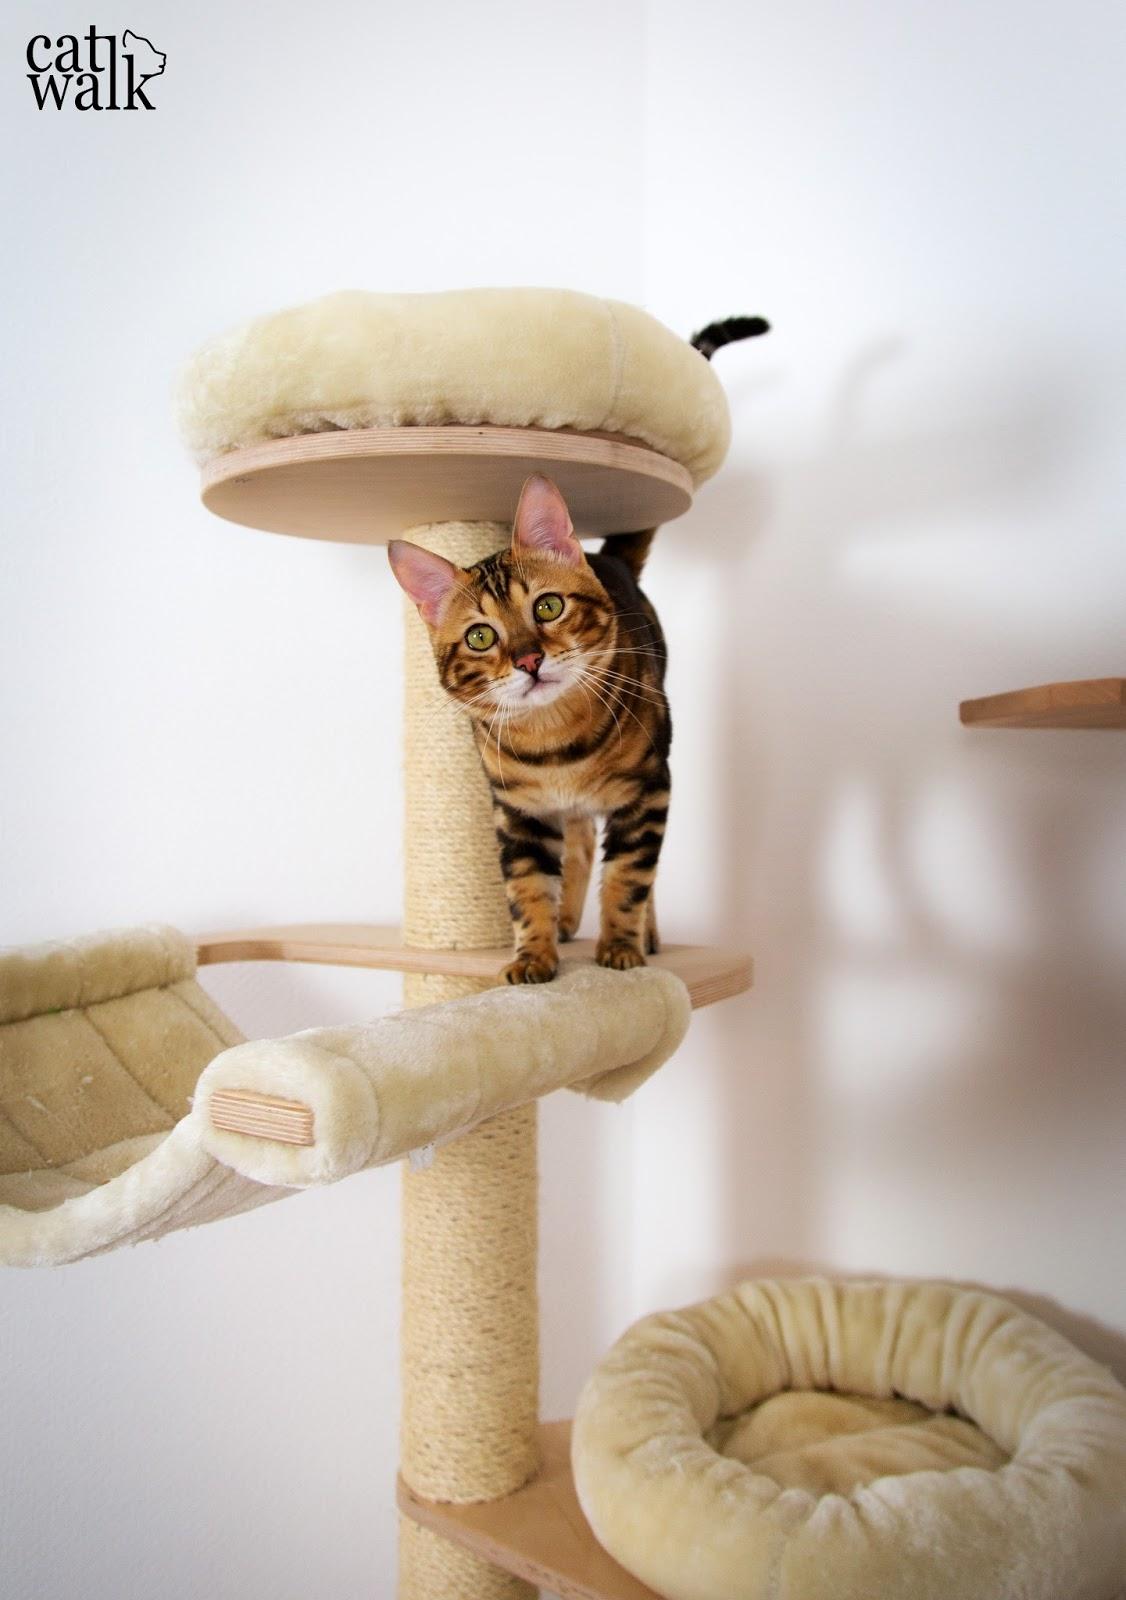 amely rose diy kletterwand f r katzen ein catwalk f r cat walk. Black Bedroom Furniture Sets. Home Design Ideas